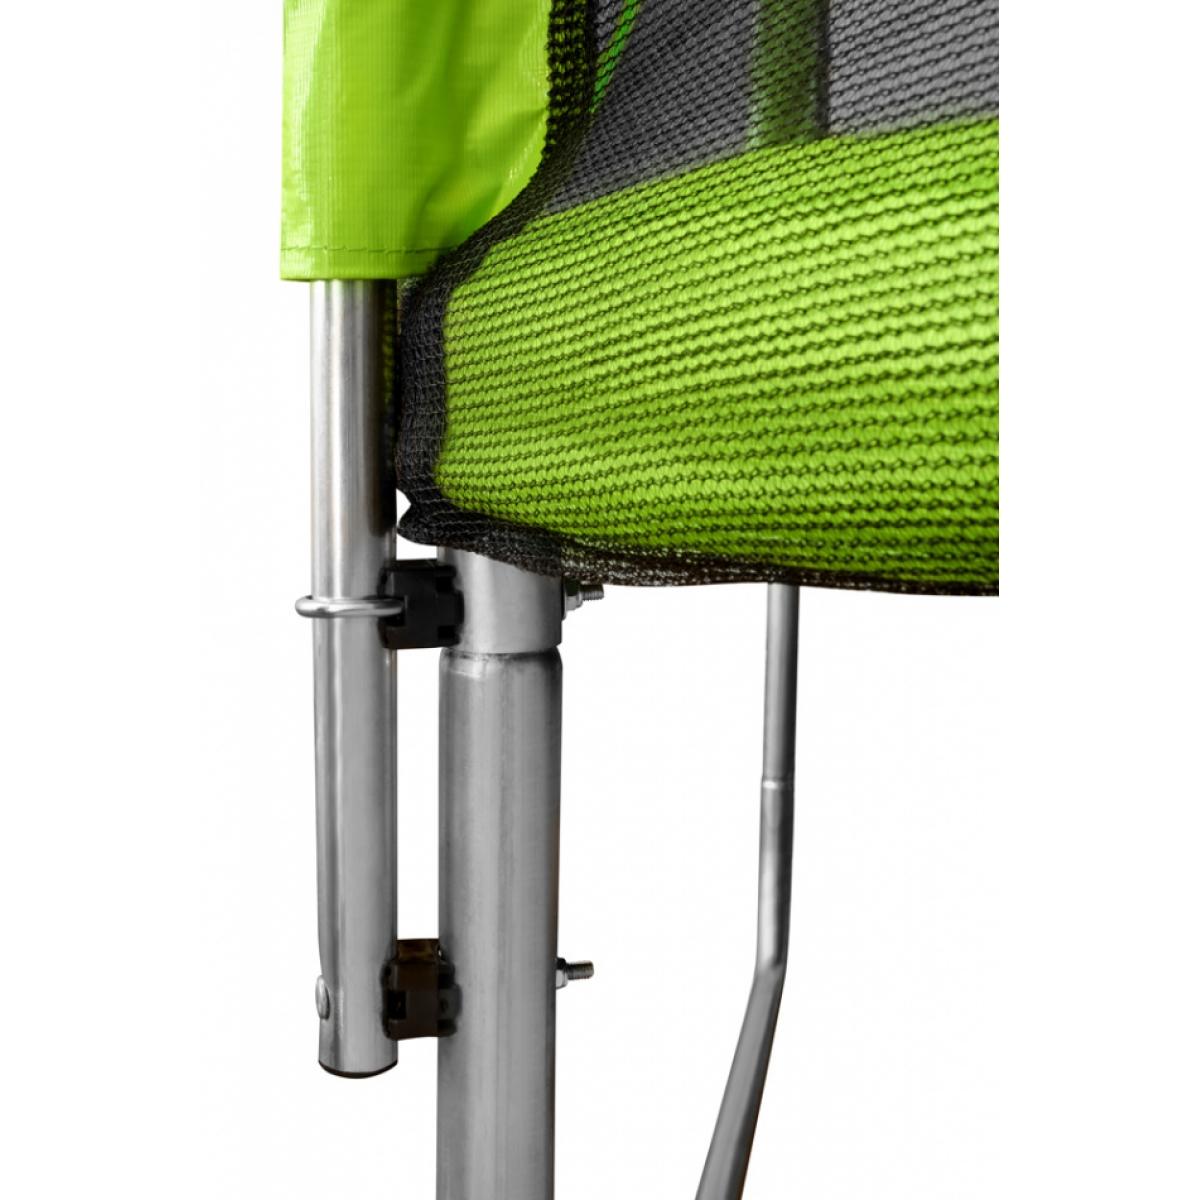 Батут с сеткой и лестницей Smile STG-252 8ft зеленый (252 см.)